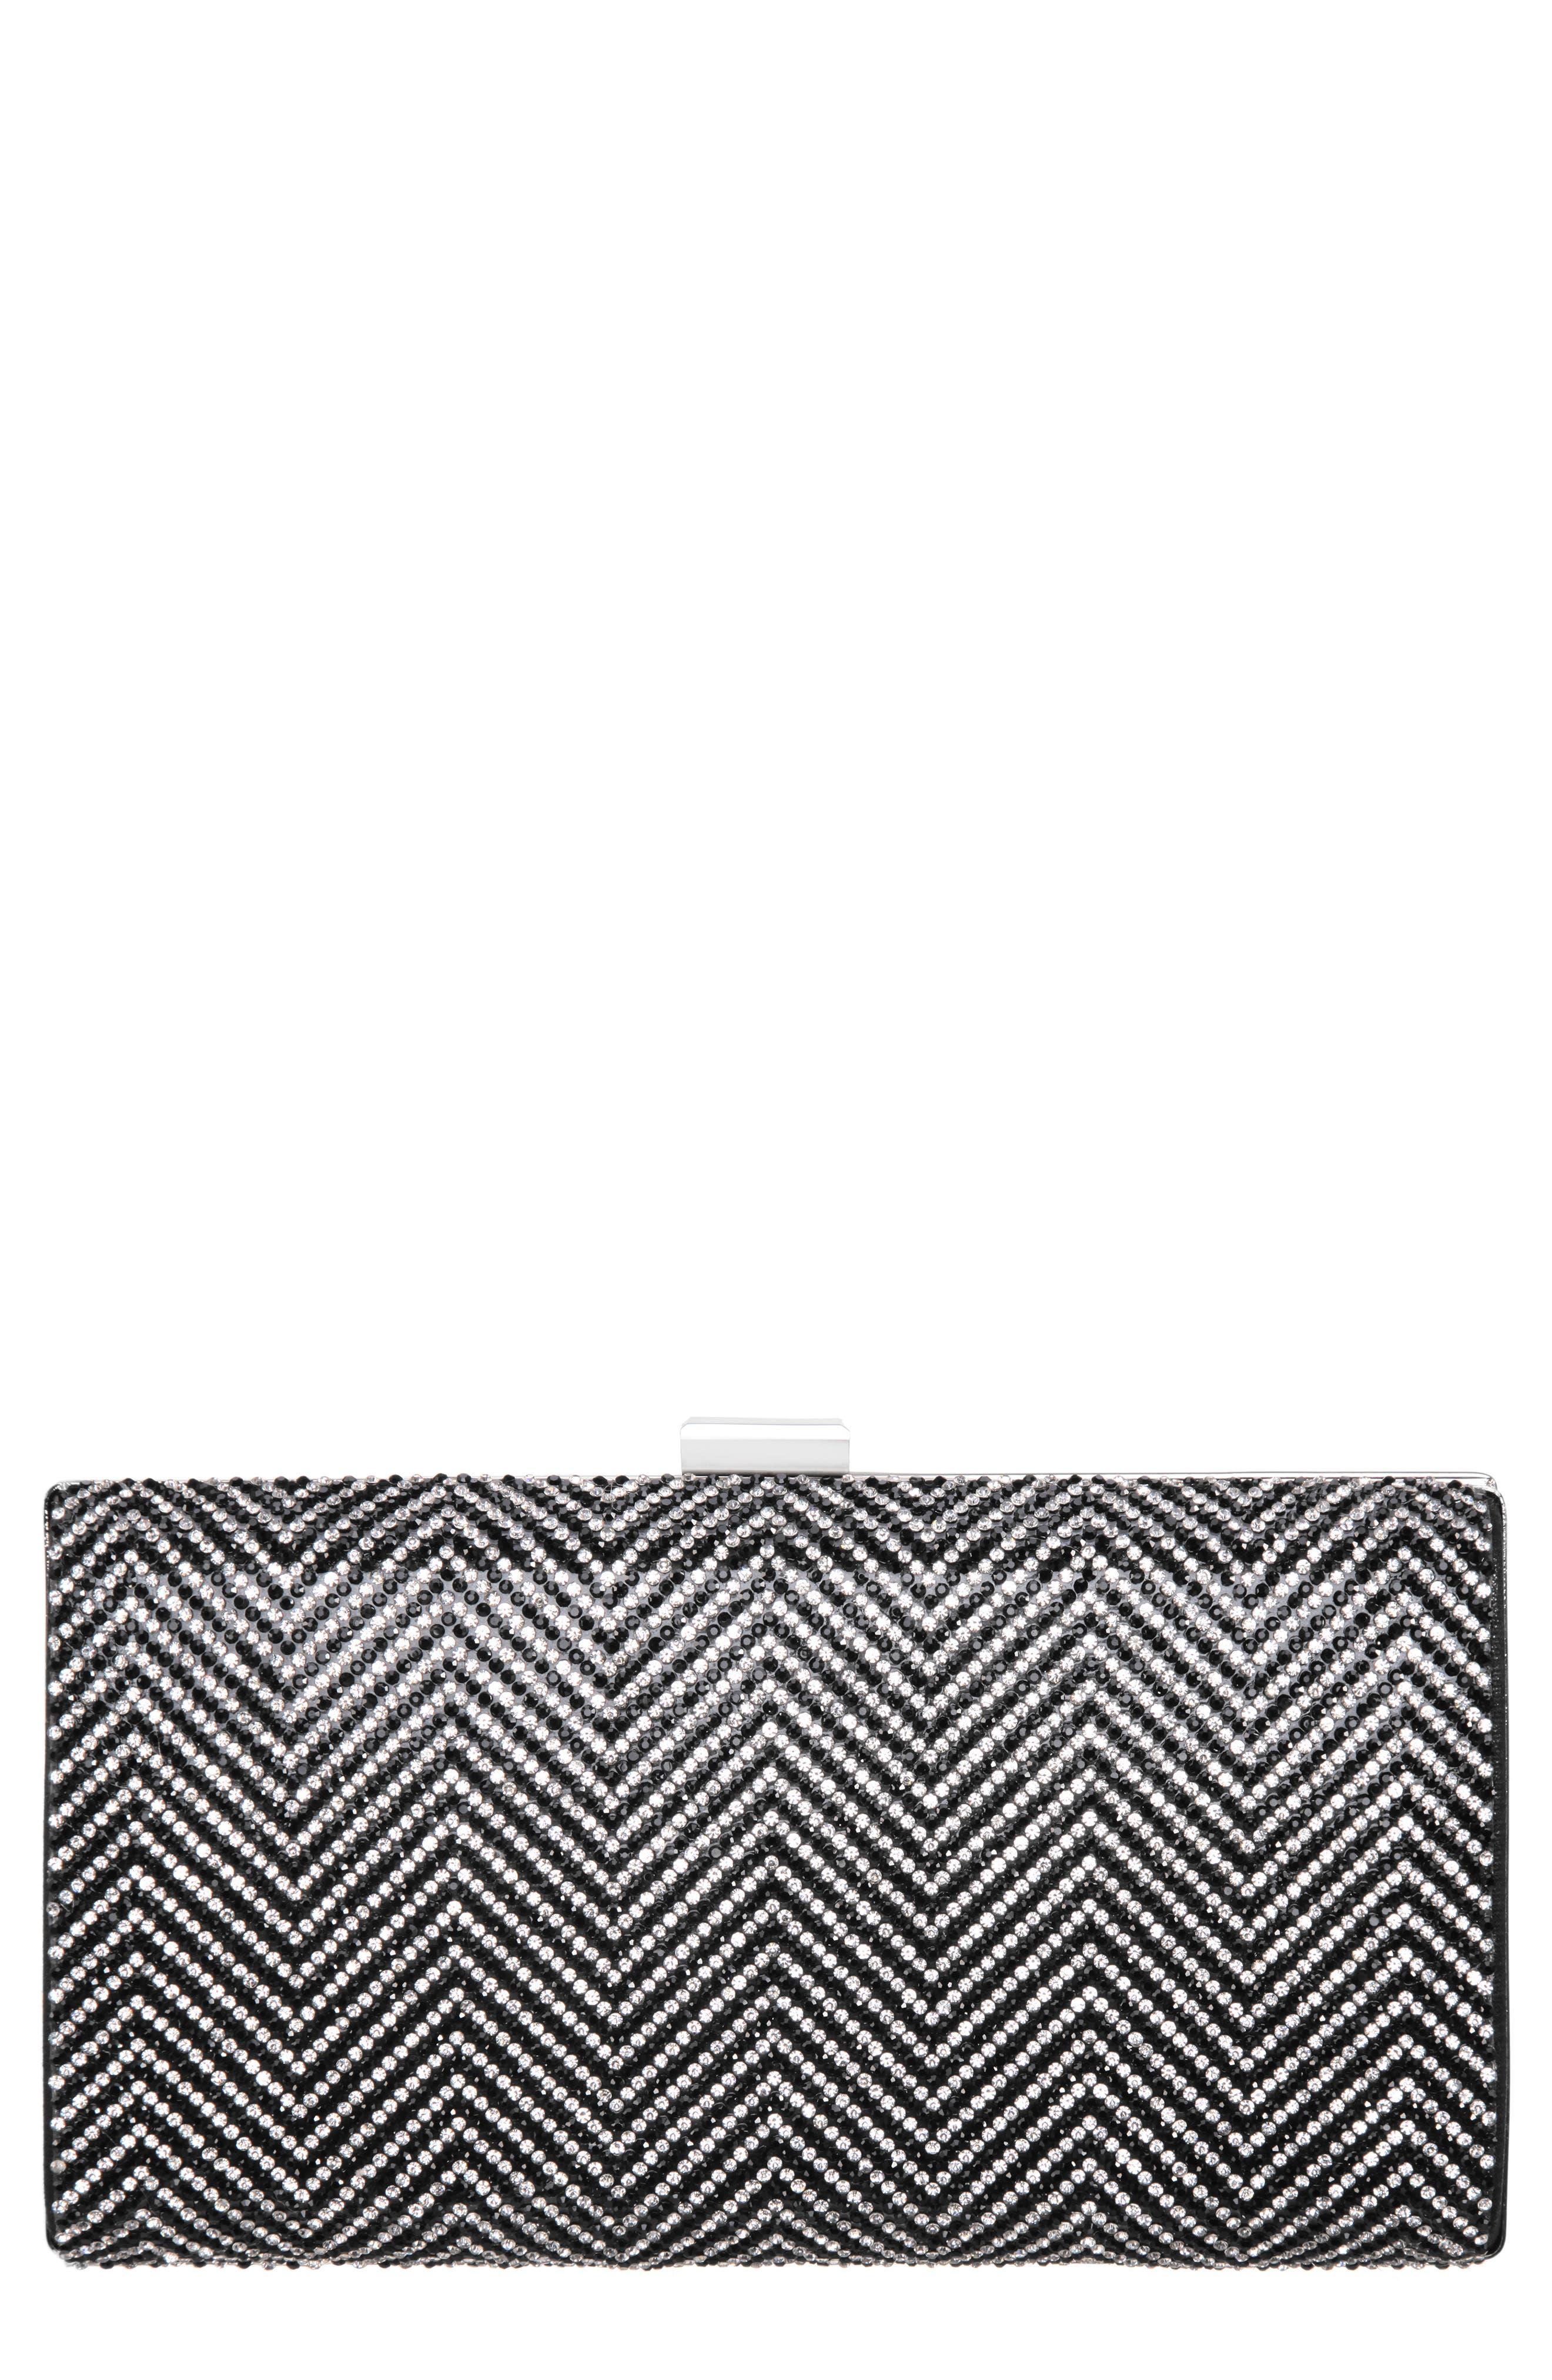 Laken Crystal Embellished Box Clutch, Main, color, BLACK/ SILVER